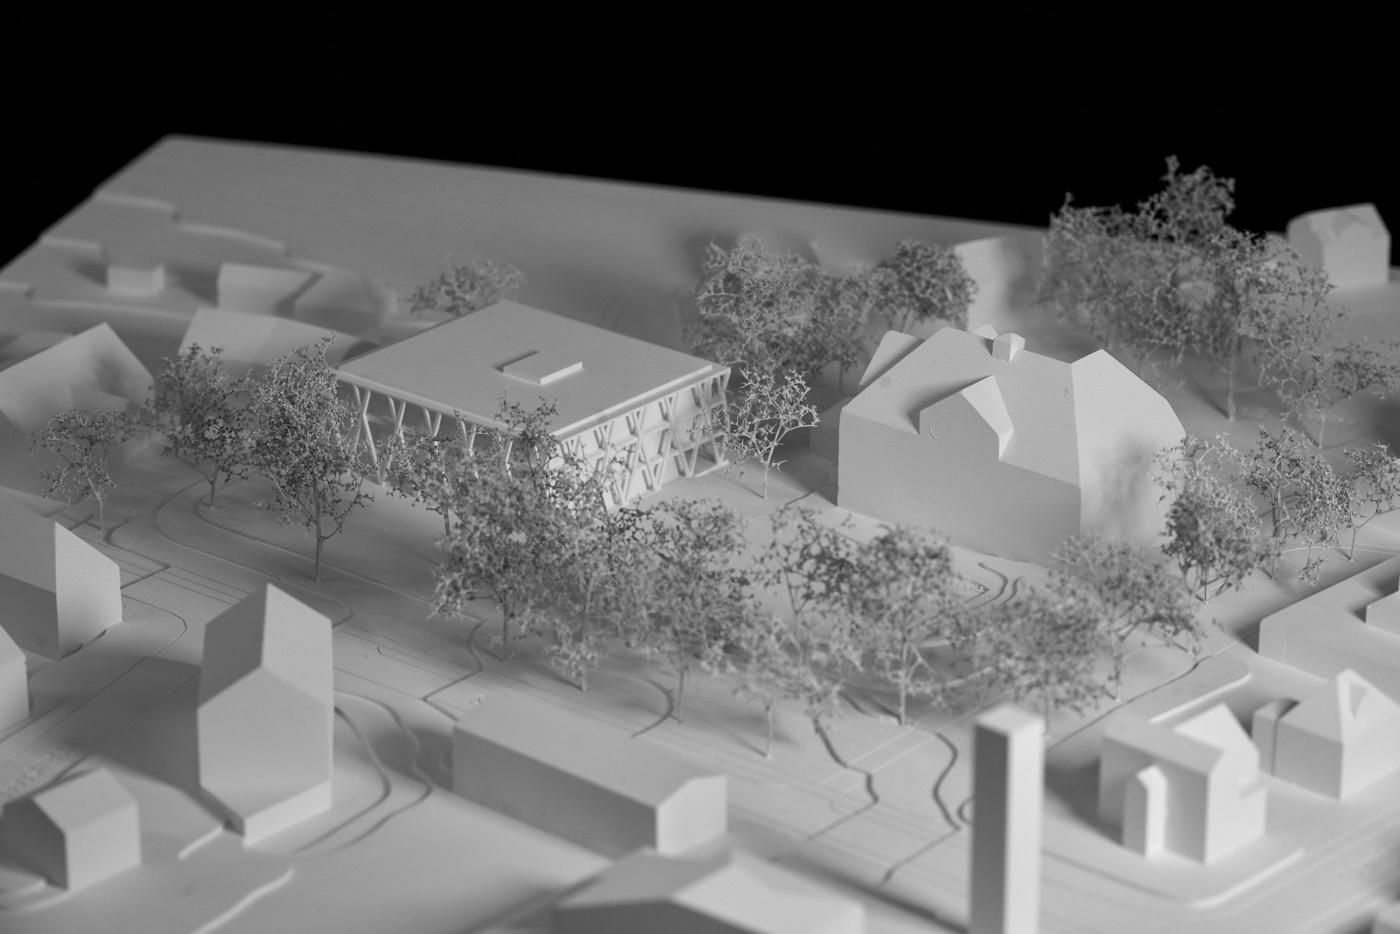 buan-architekten-ersatzneubau schulhaus zentrum-diessenhofen-modell-1